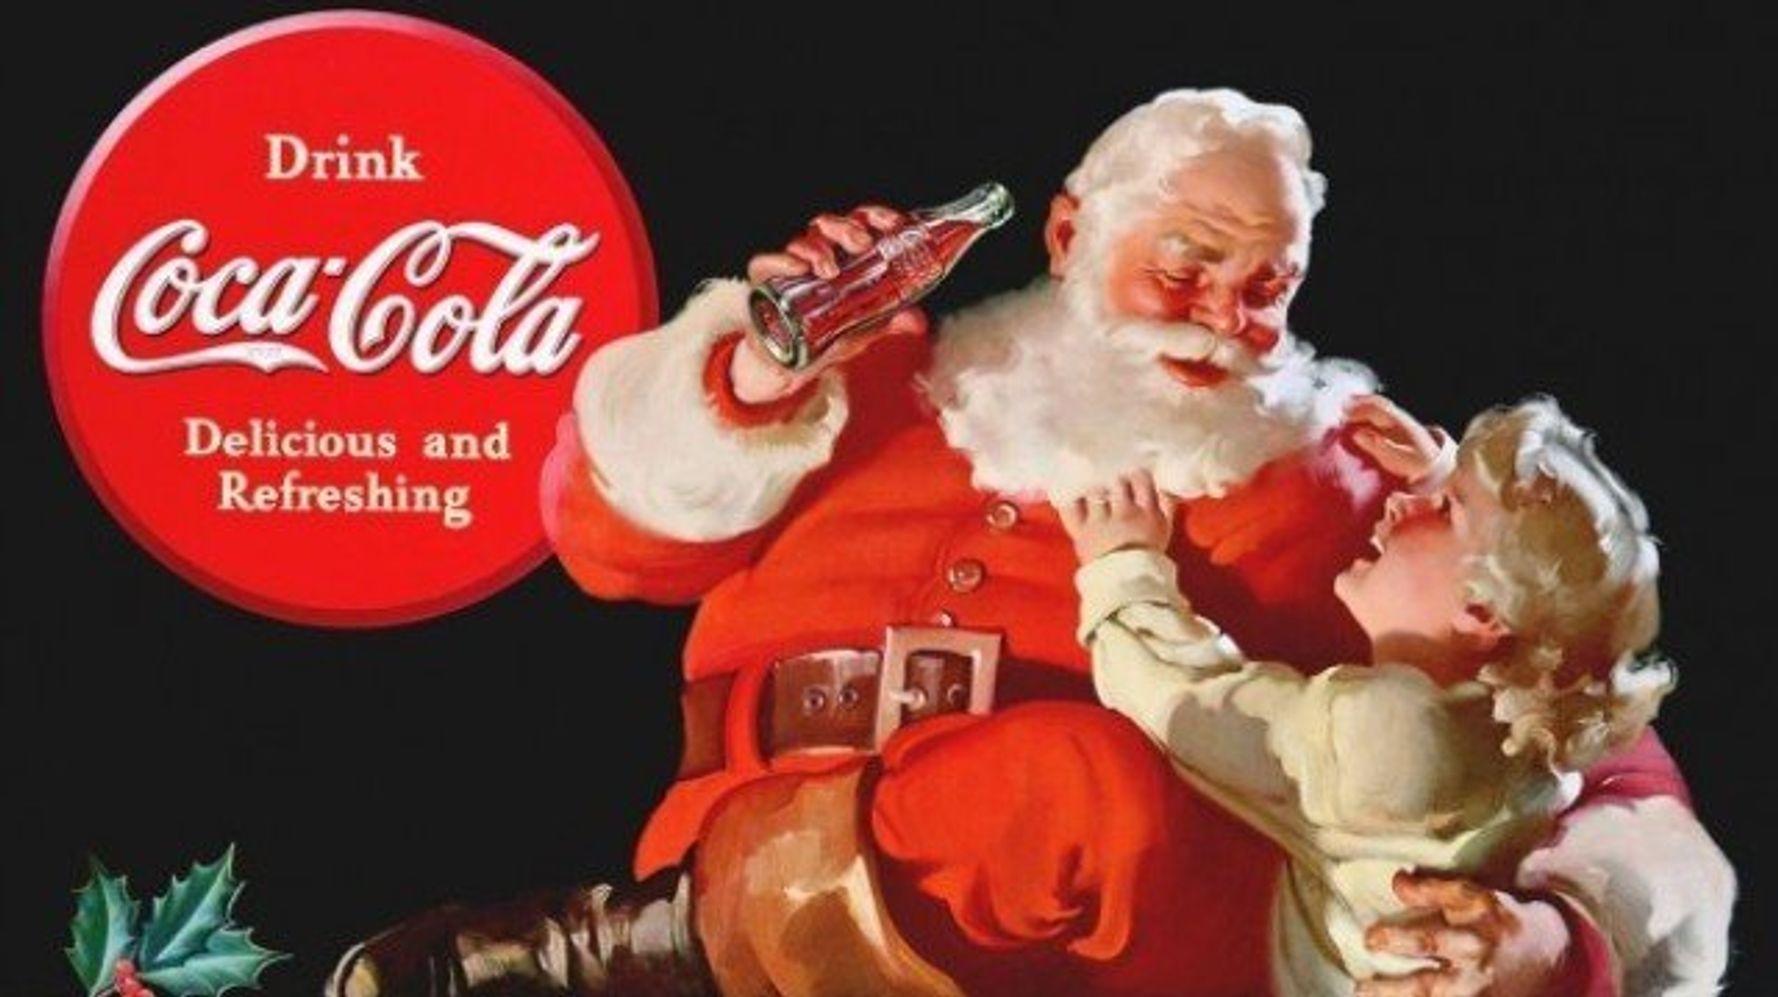 Qui A Inventé Le Pere Noel Non, Coca Cola n'a pas inventé le Père Noël | Le Huffington Post LIFE